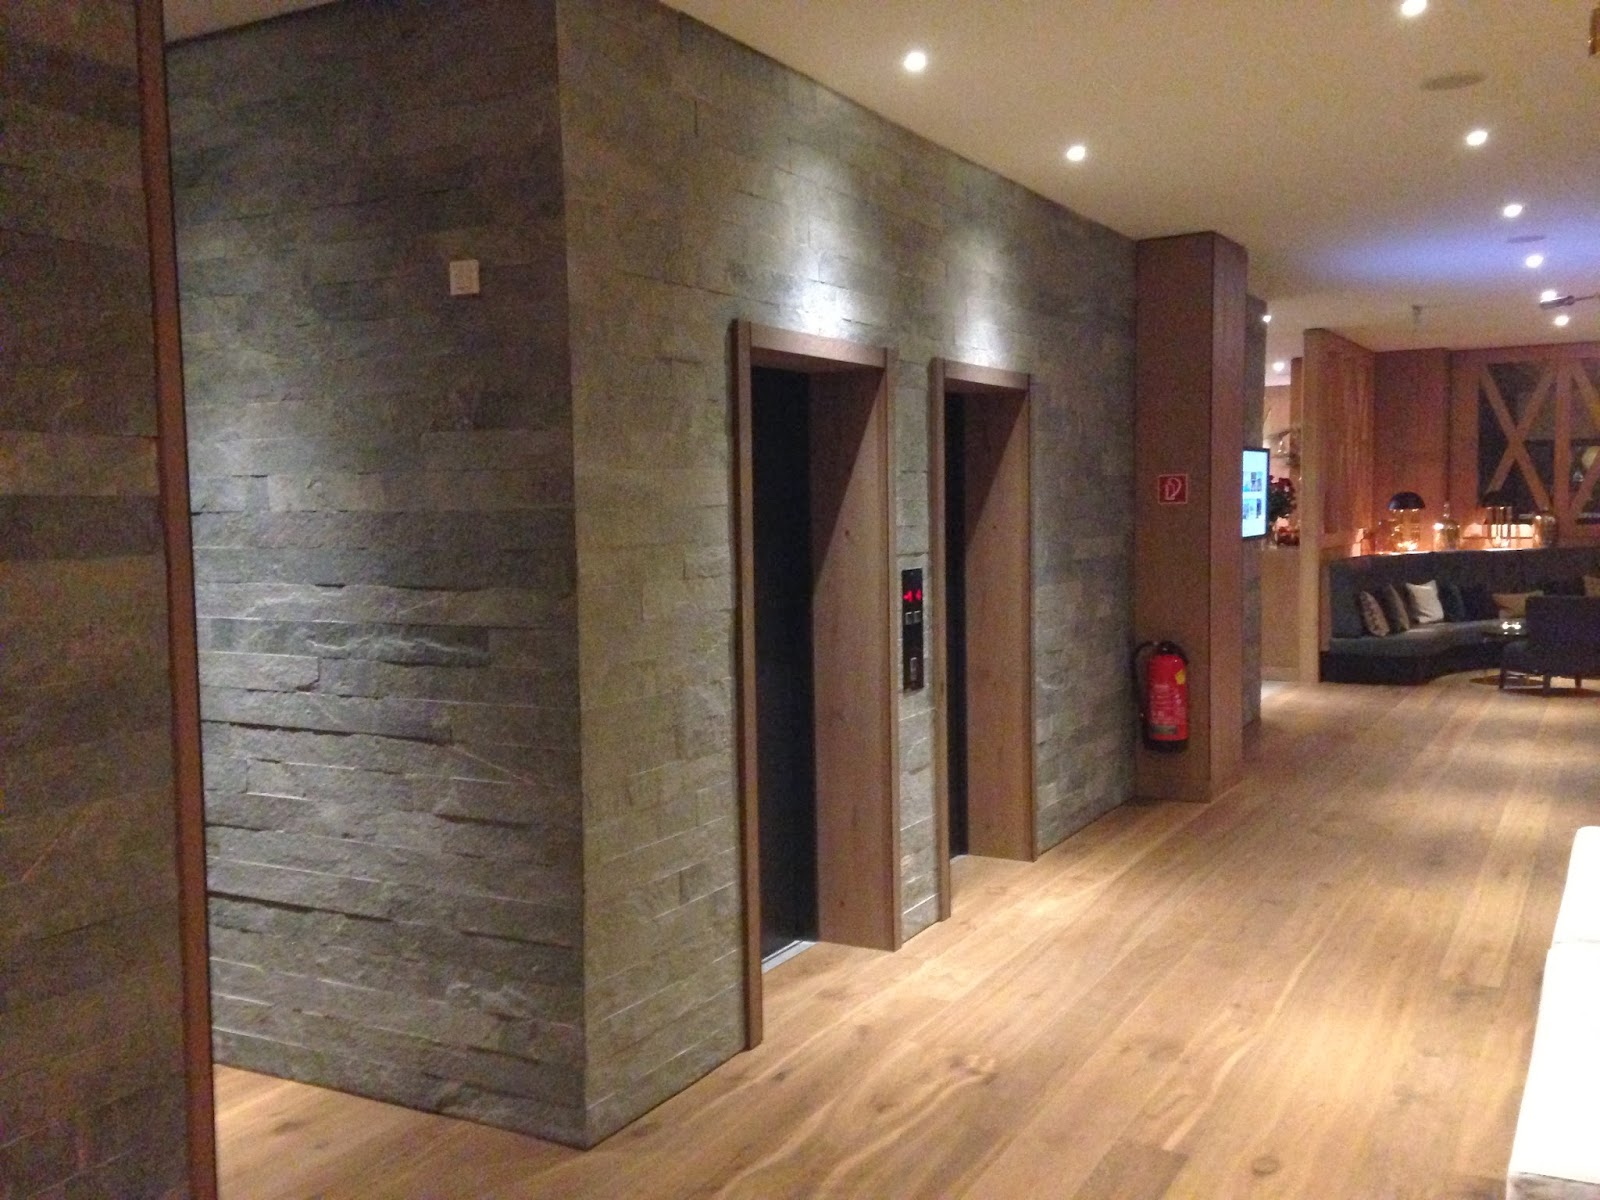 hoteltraum geheimtipp l wen hotel montafon schruns. Black Bedroom Furniture Sets. Home Design Ideas